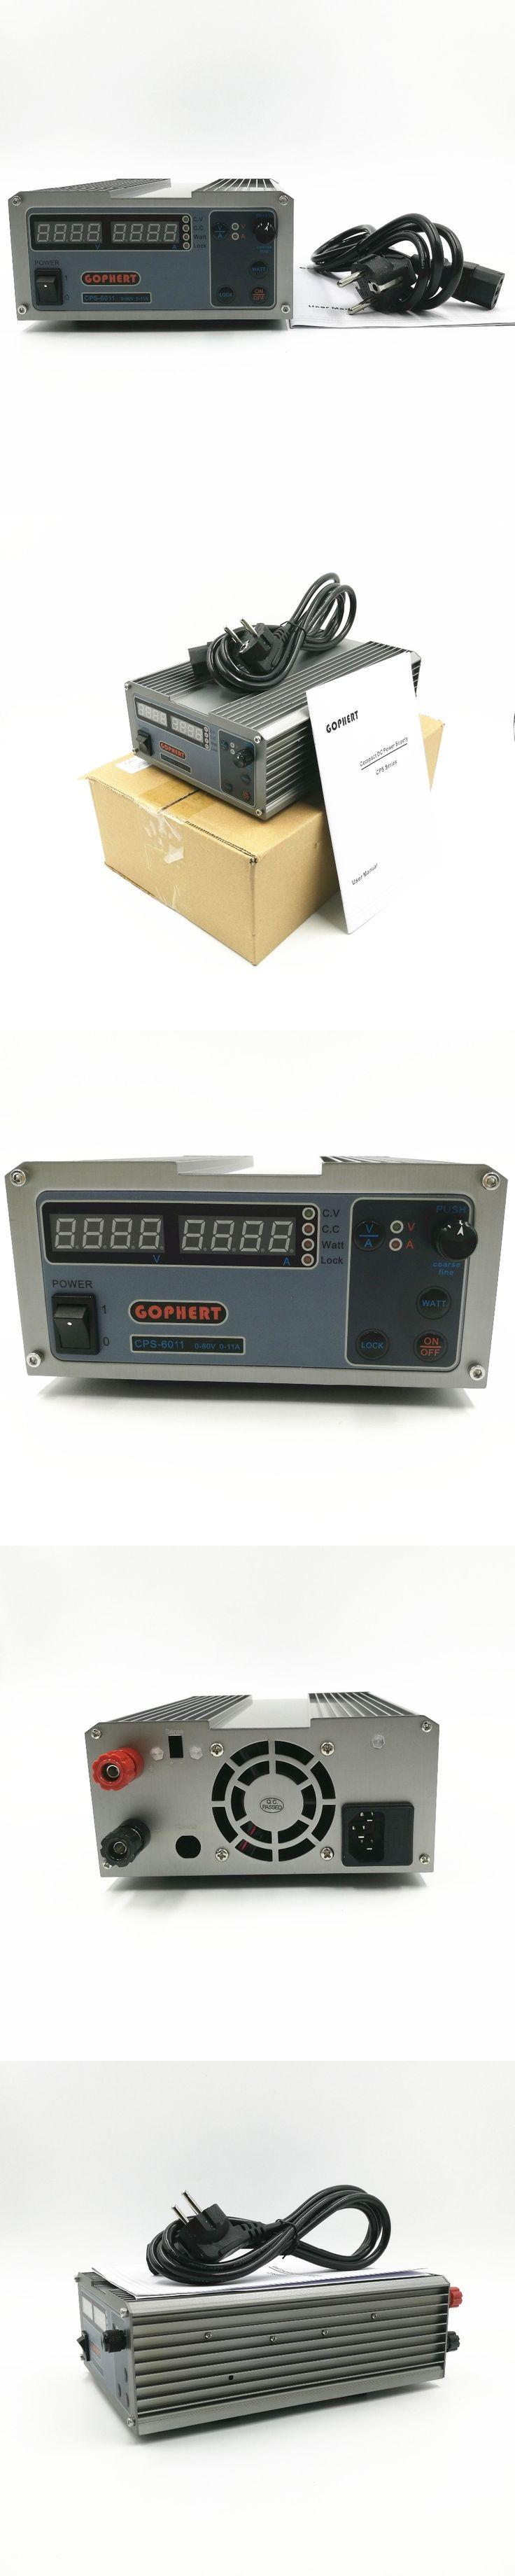 Wunderbar Atx Stromversorgungsschaltung Fotos - Elektrische ...